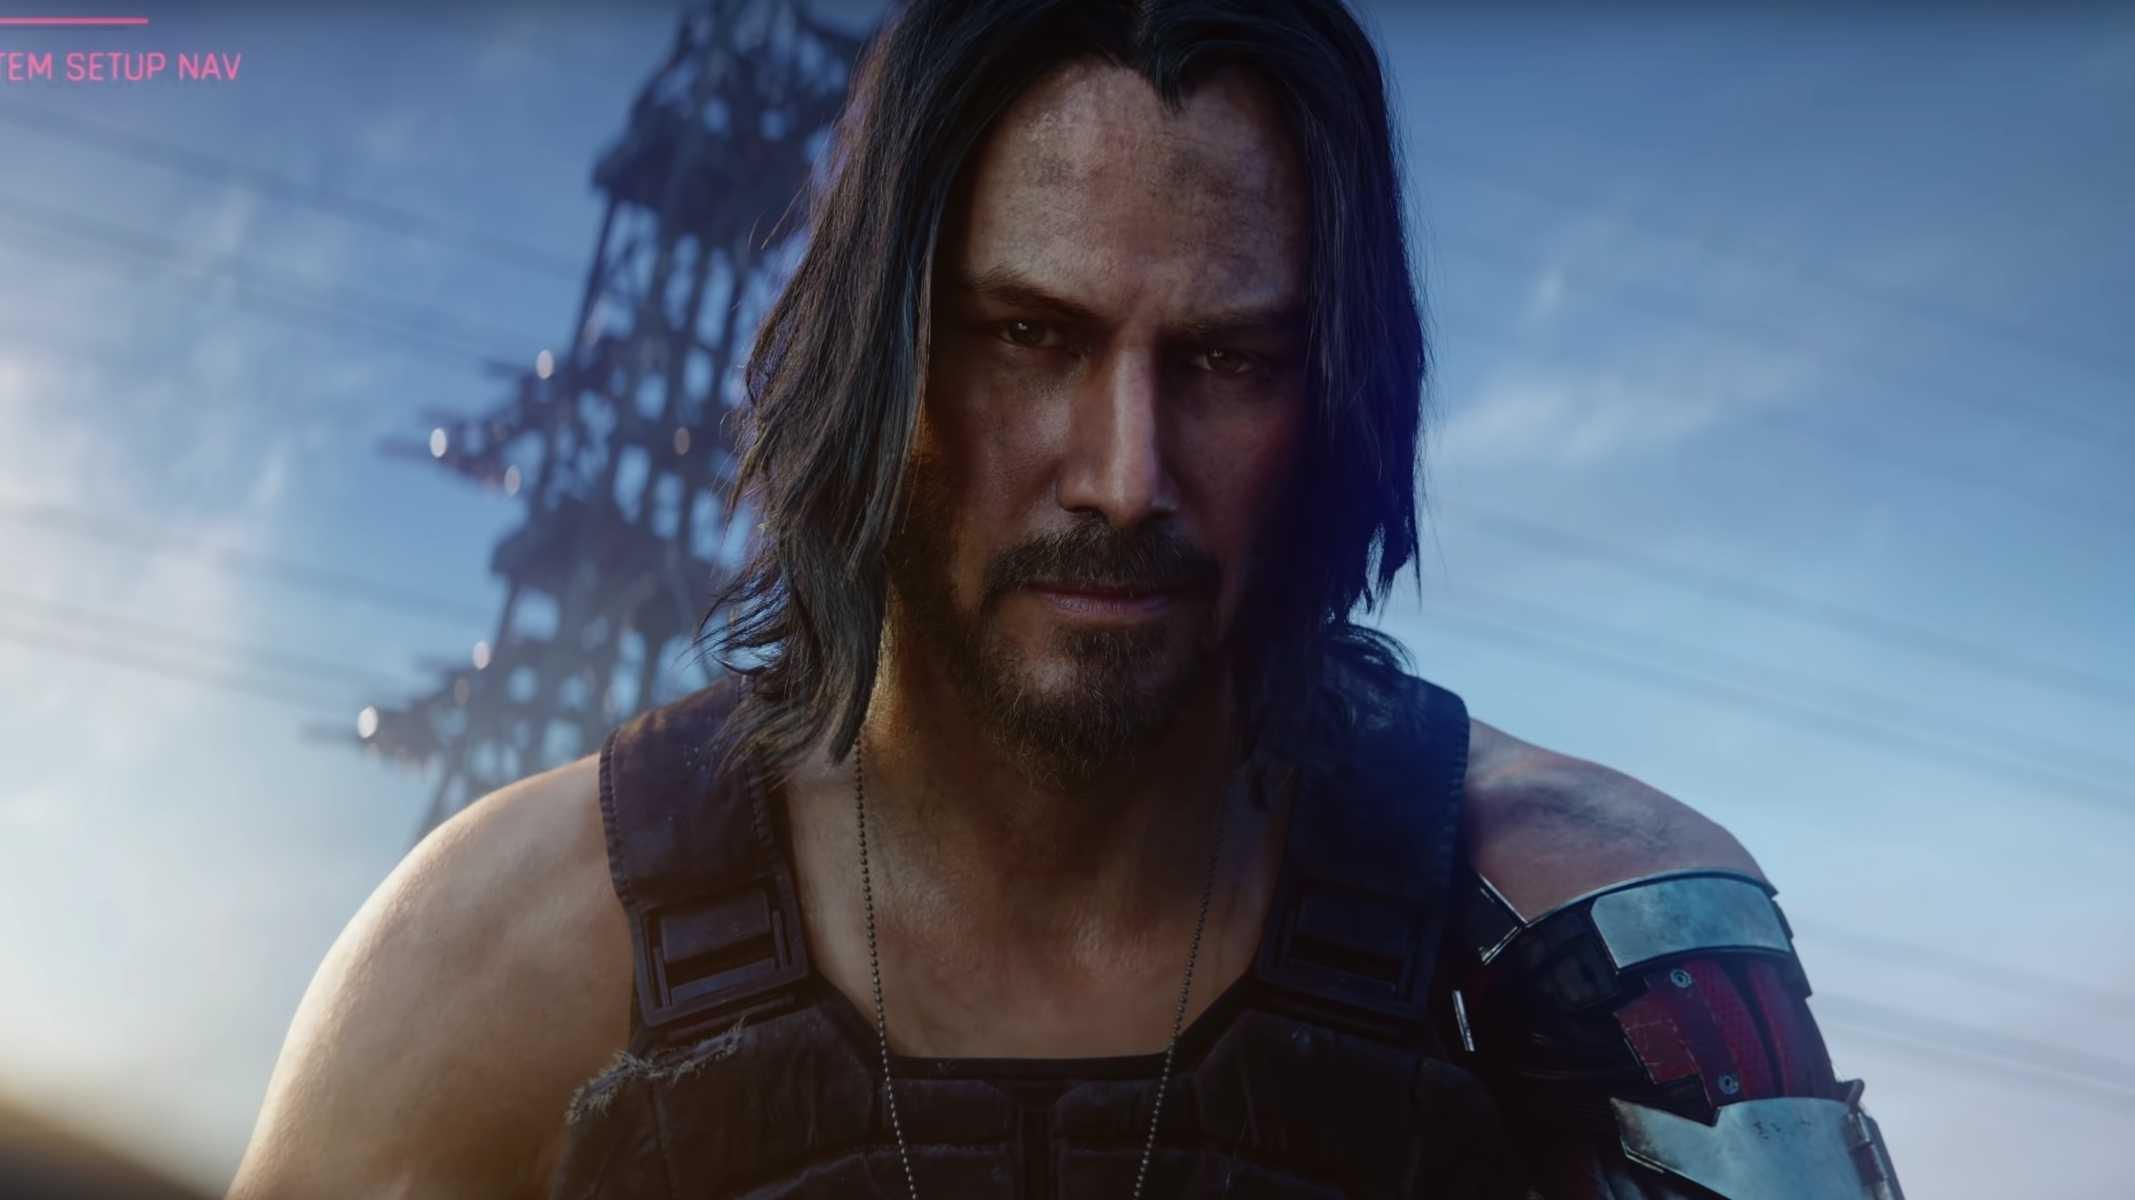 Cyberpunk 2077 erscheint am 16. April 2020, E3-Trailer zeigt Keanu Reeves